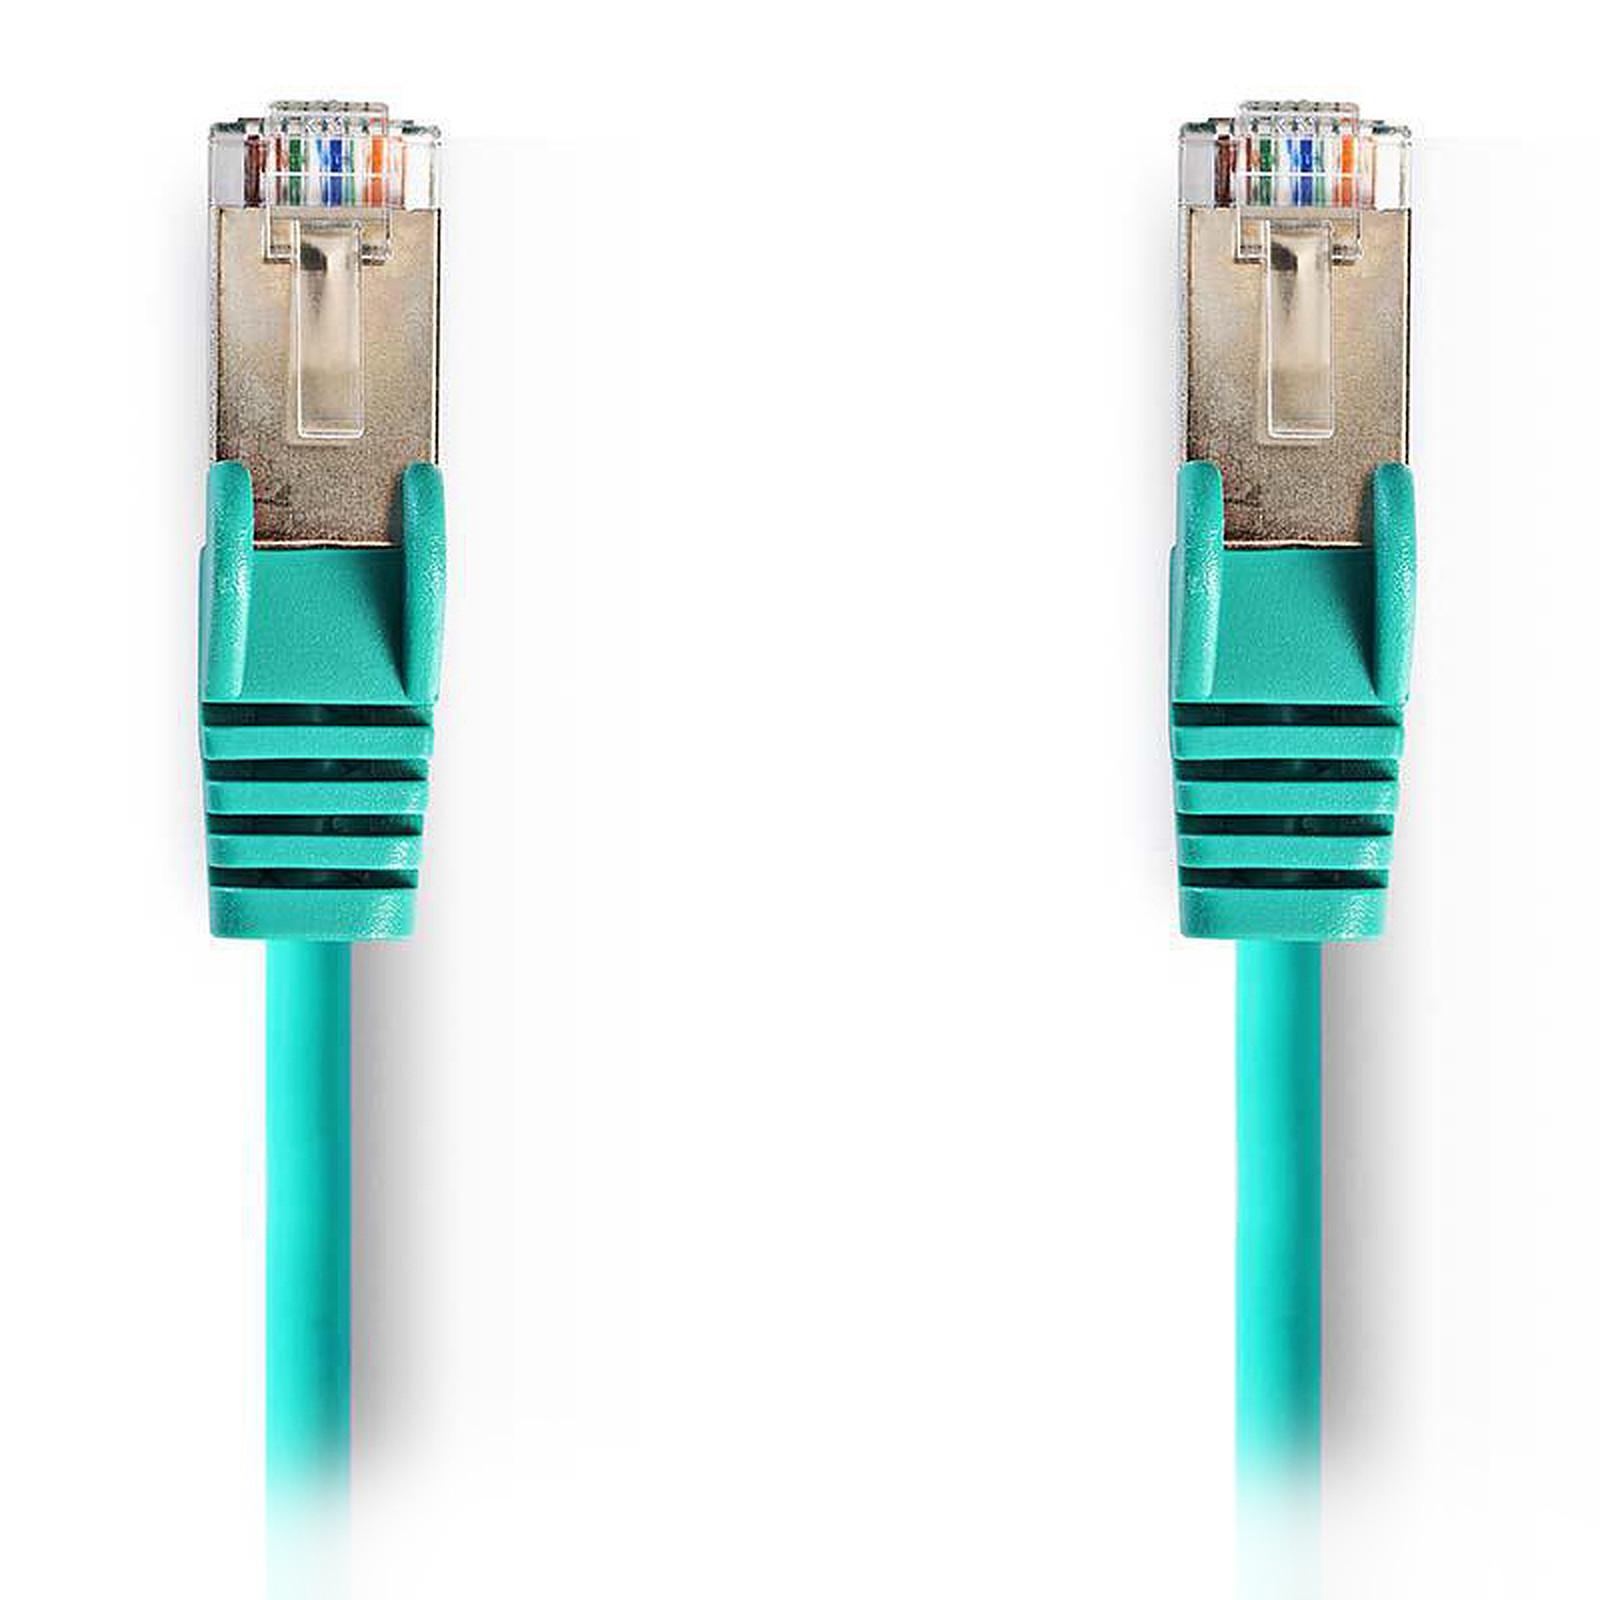 Nedis RJ45 categoría de cable 5e SF/UTP 5 m (Verde)